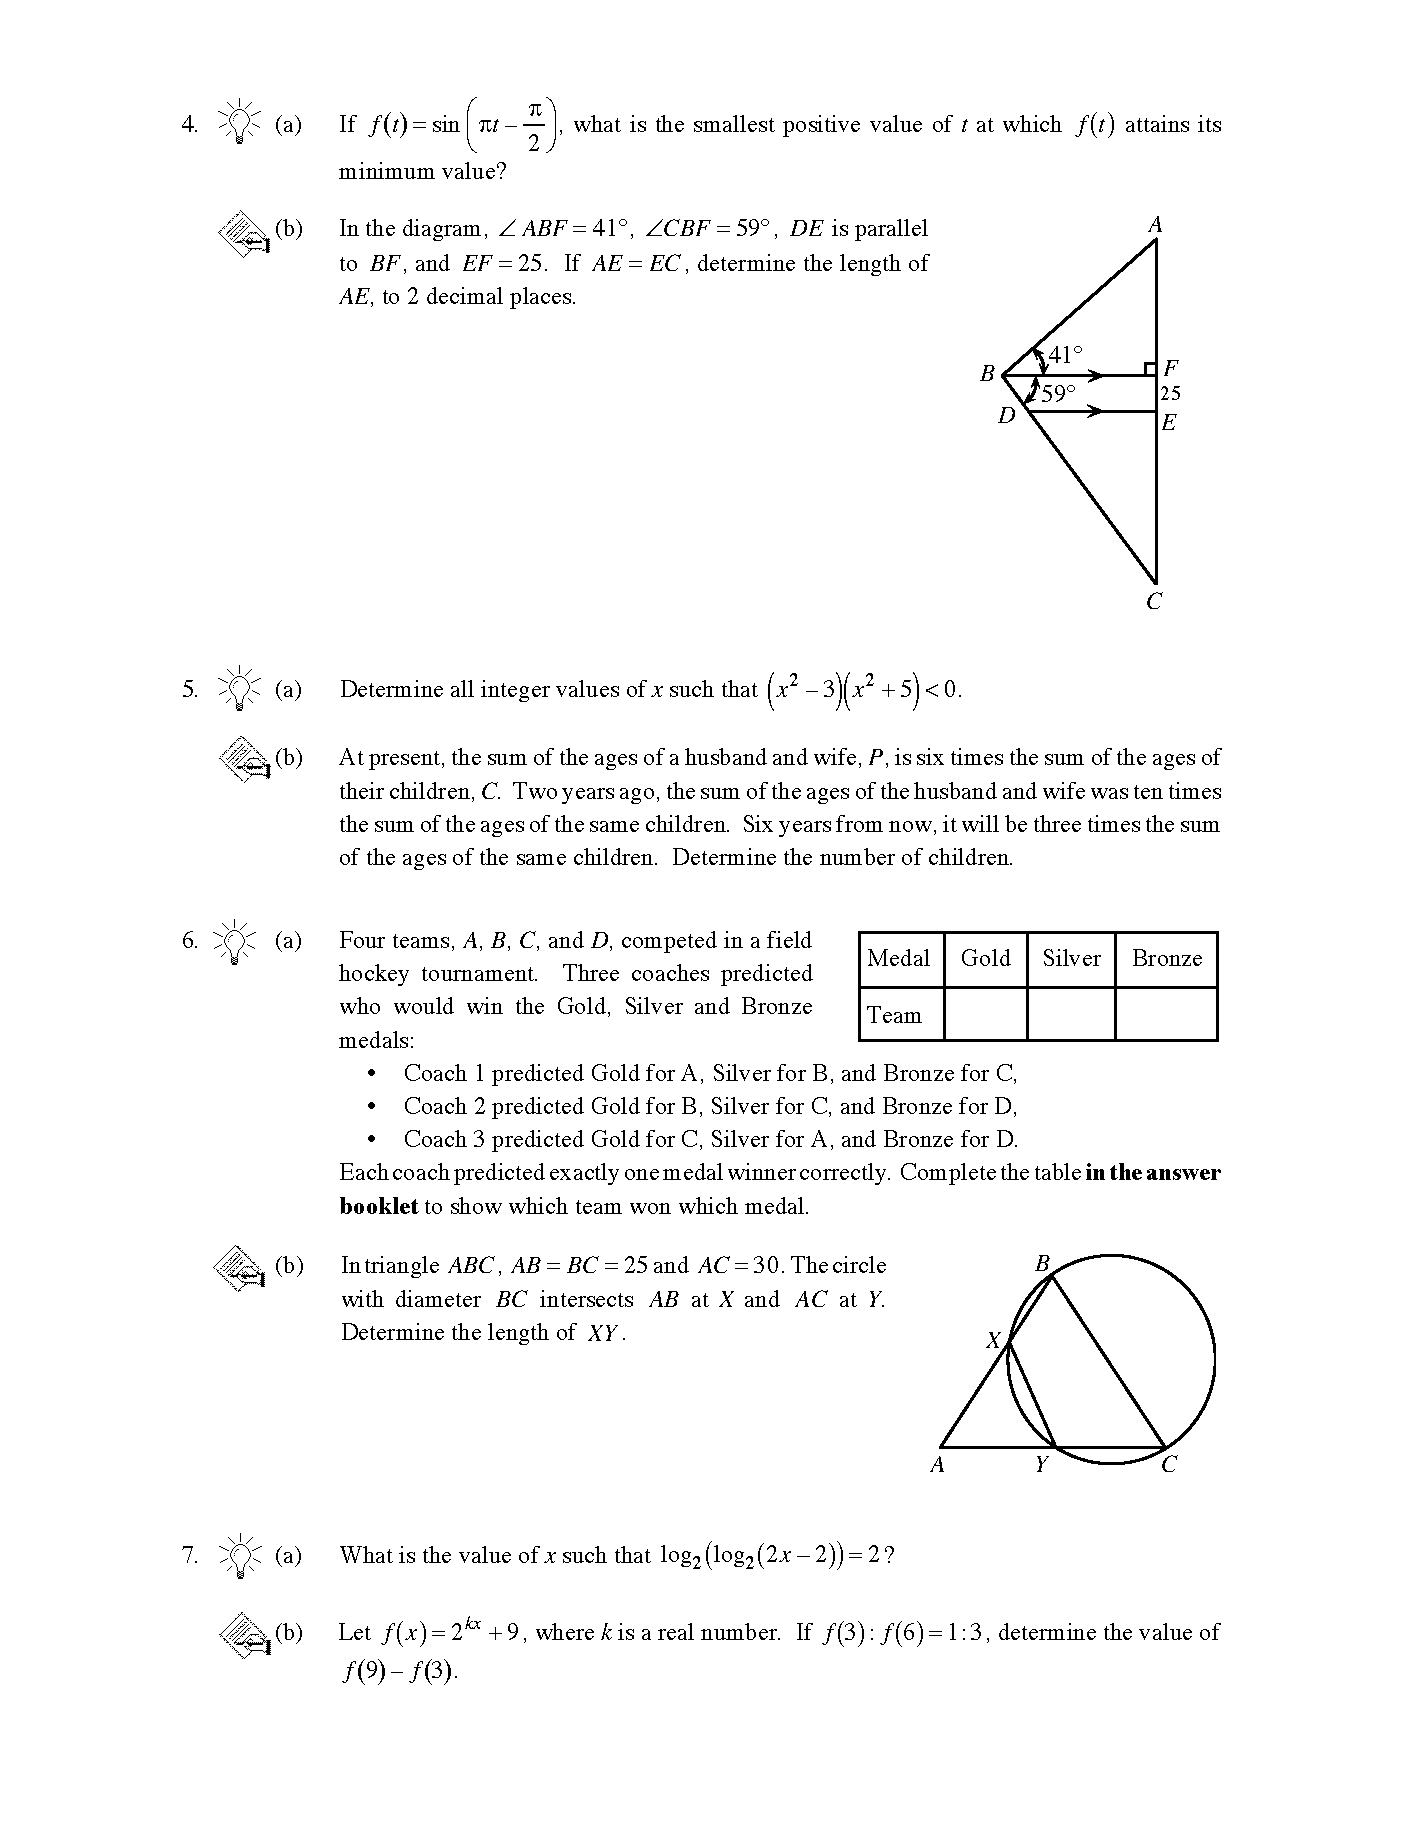 加拿大数学竞赛CMC-Euclid欧几里德数学竞赛2001年真题